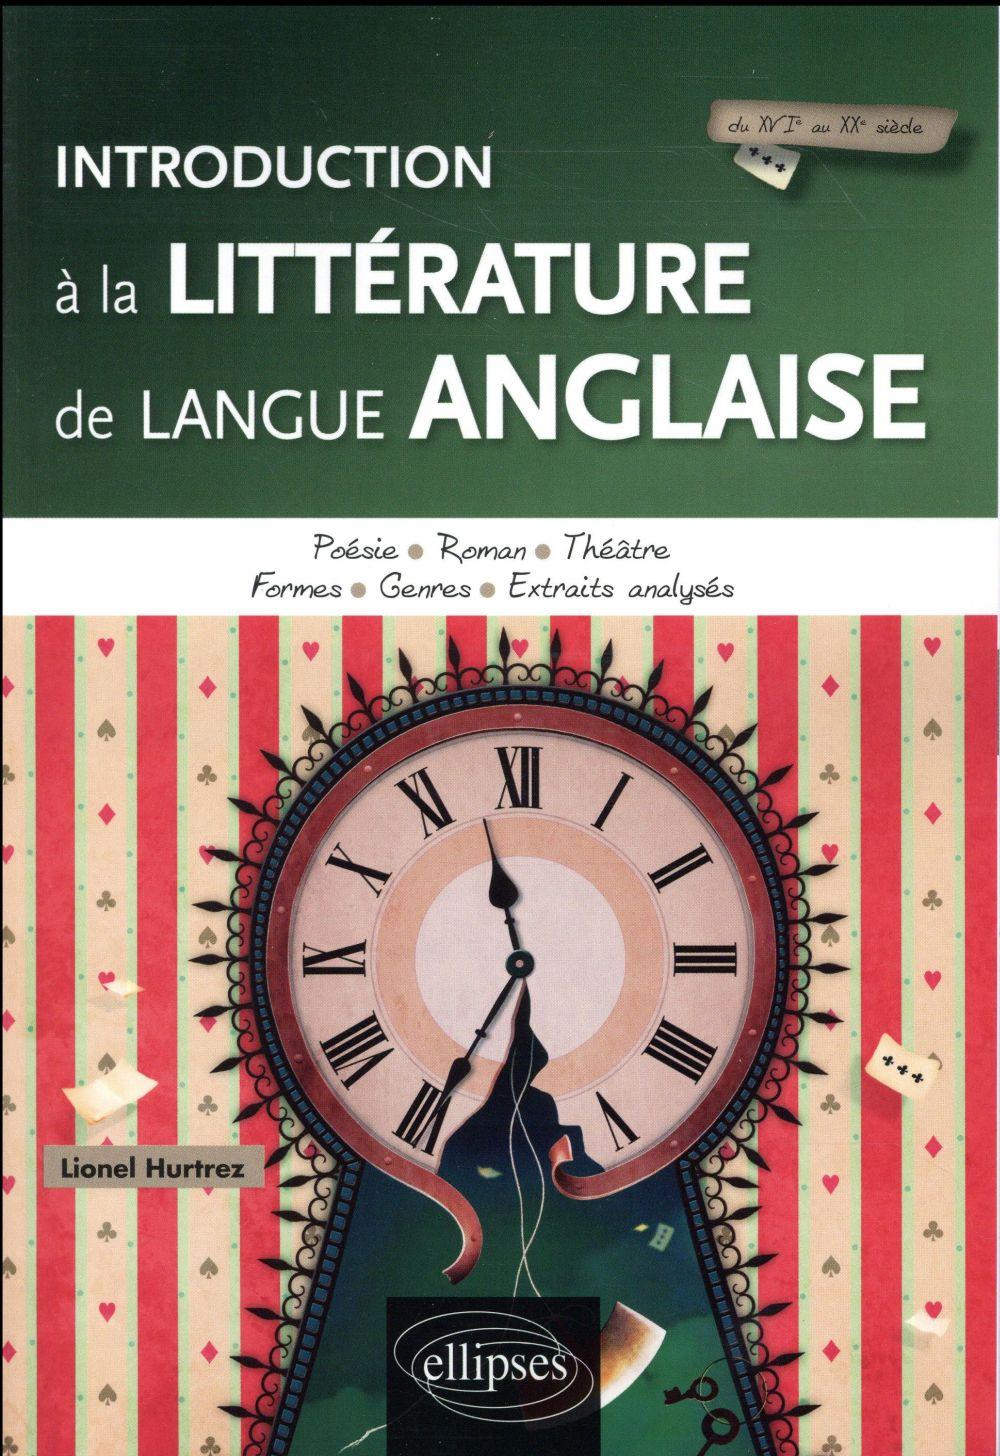 INTRODUCTION A LA LITTERATURE DE LANGUE ANGLAISE  -  DU XVIE AU XXE SIECLE  -  POESIE, ROMAN, THEATRE, FORMES, GENRES, EXTRAITS ANALYSES